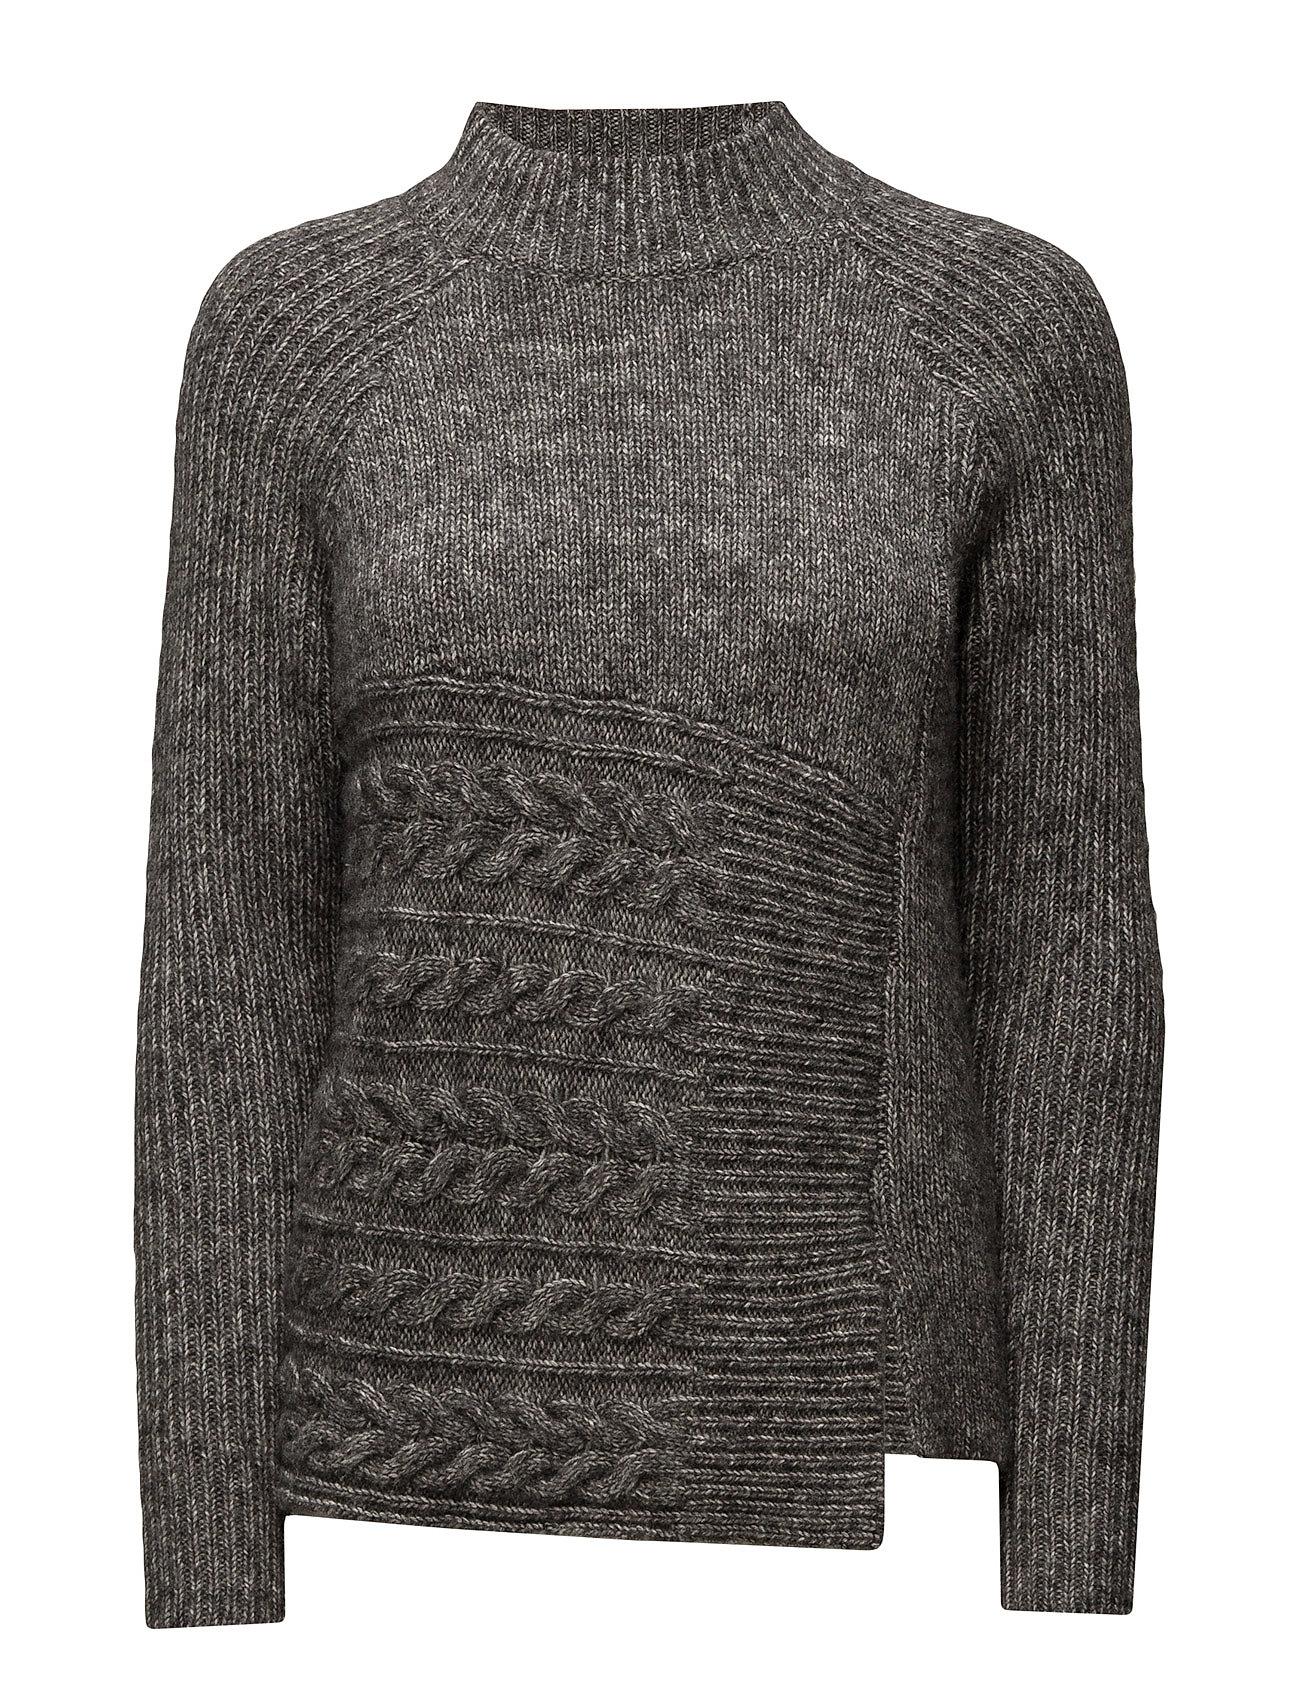 Pullover Ls Rosemunde Striktøj til Kvinder i